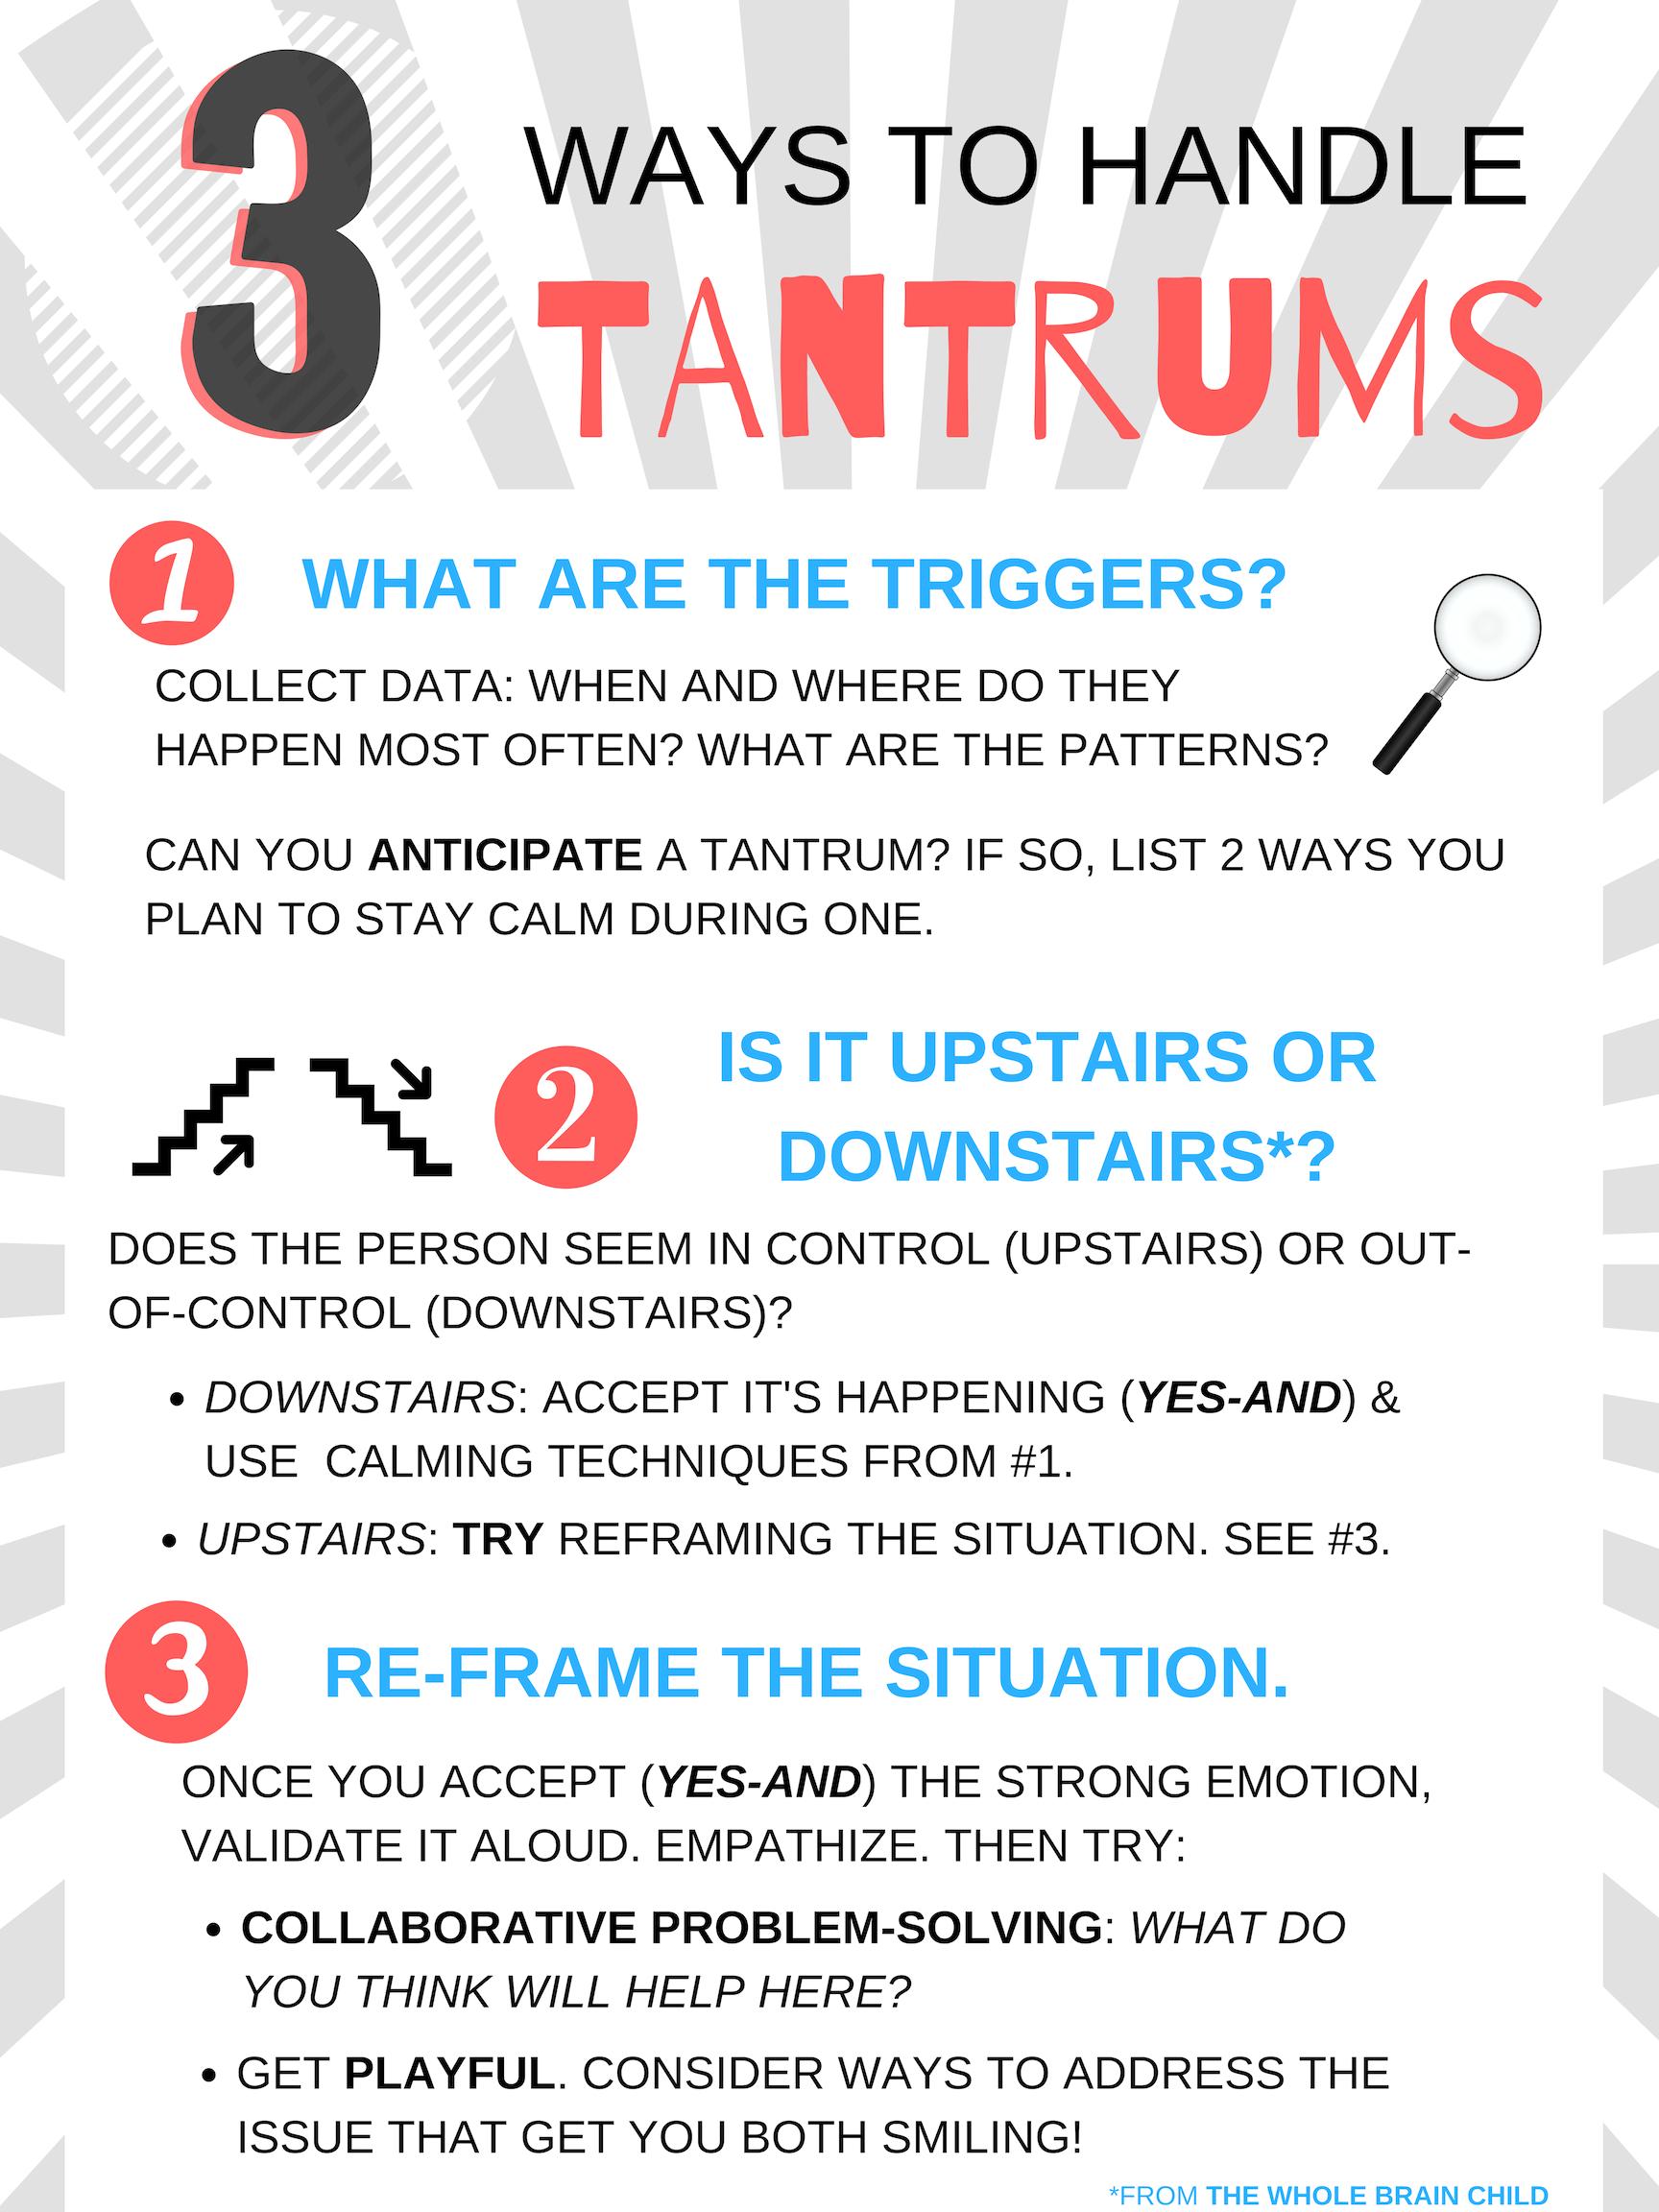 3 ways handle tantrums.jpg